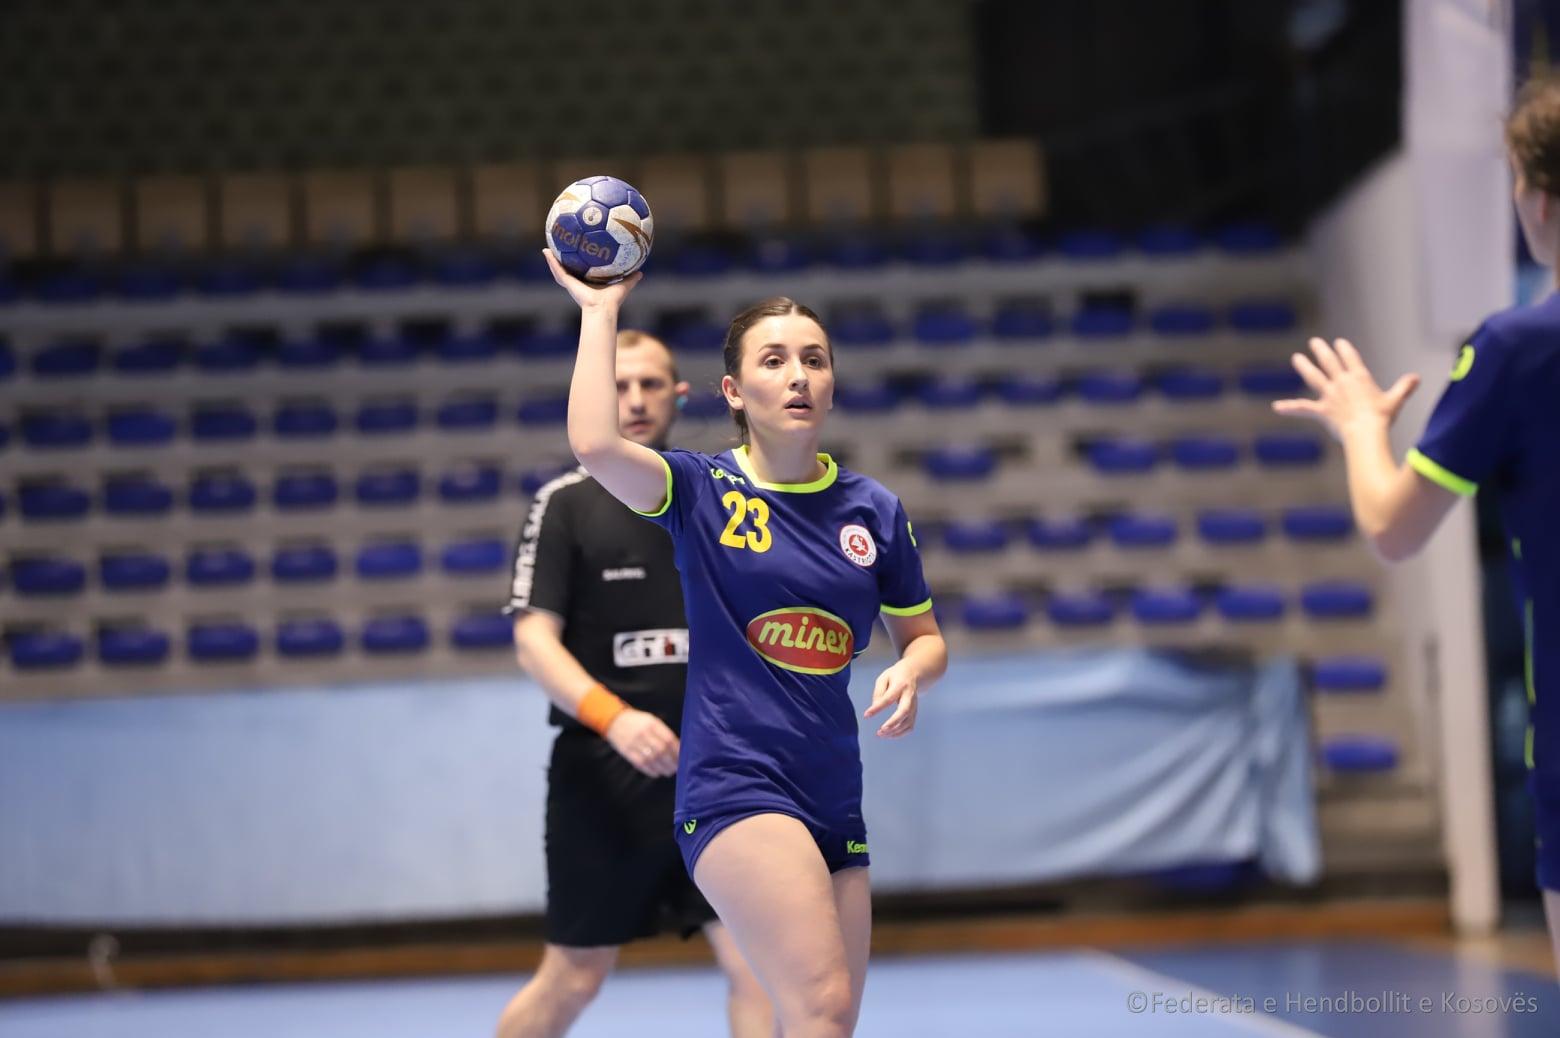 Lojtare me numer 23 ne akcion - Kastrioti FHK